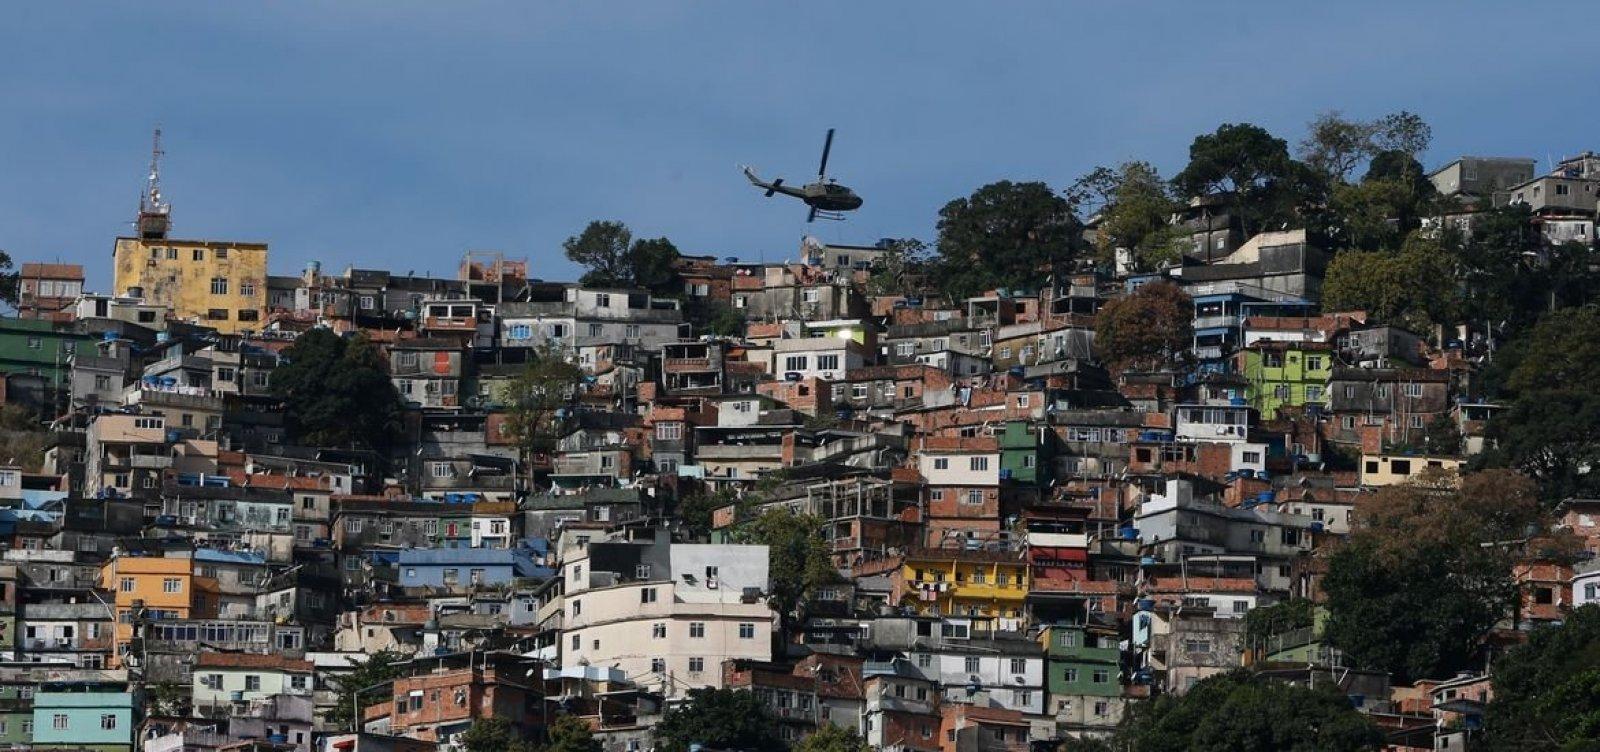 [Milícia controla 57% da área do Rio de Janeiro, diz estudo]